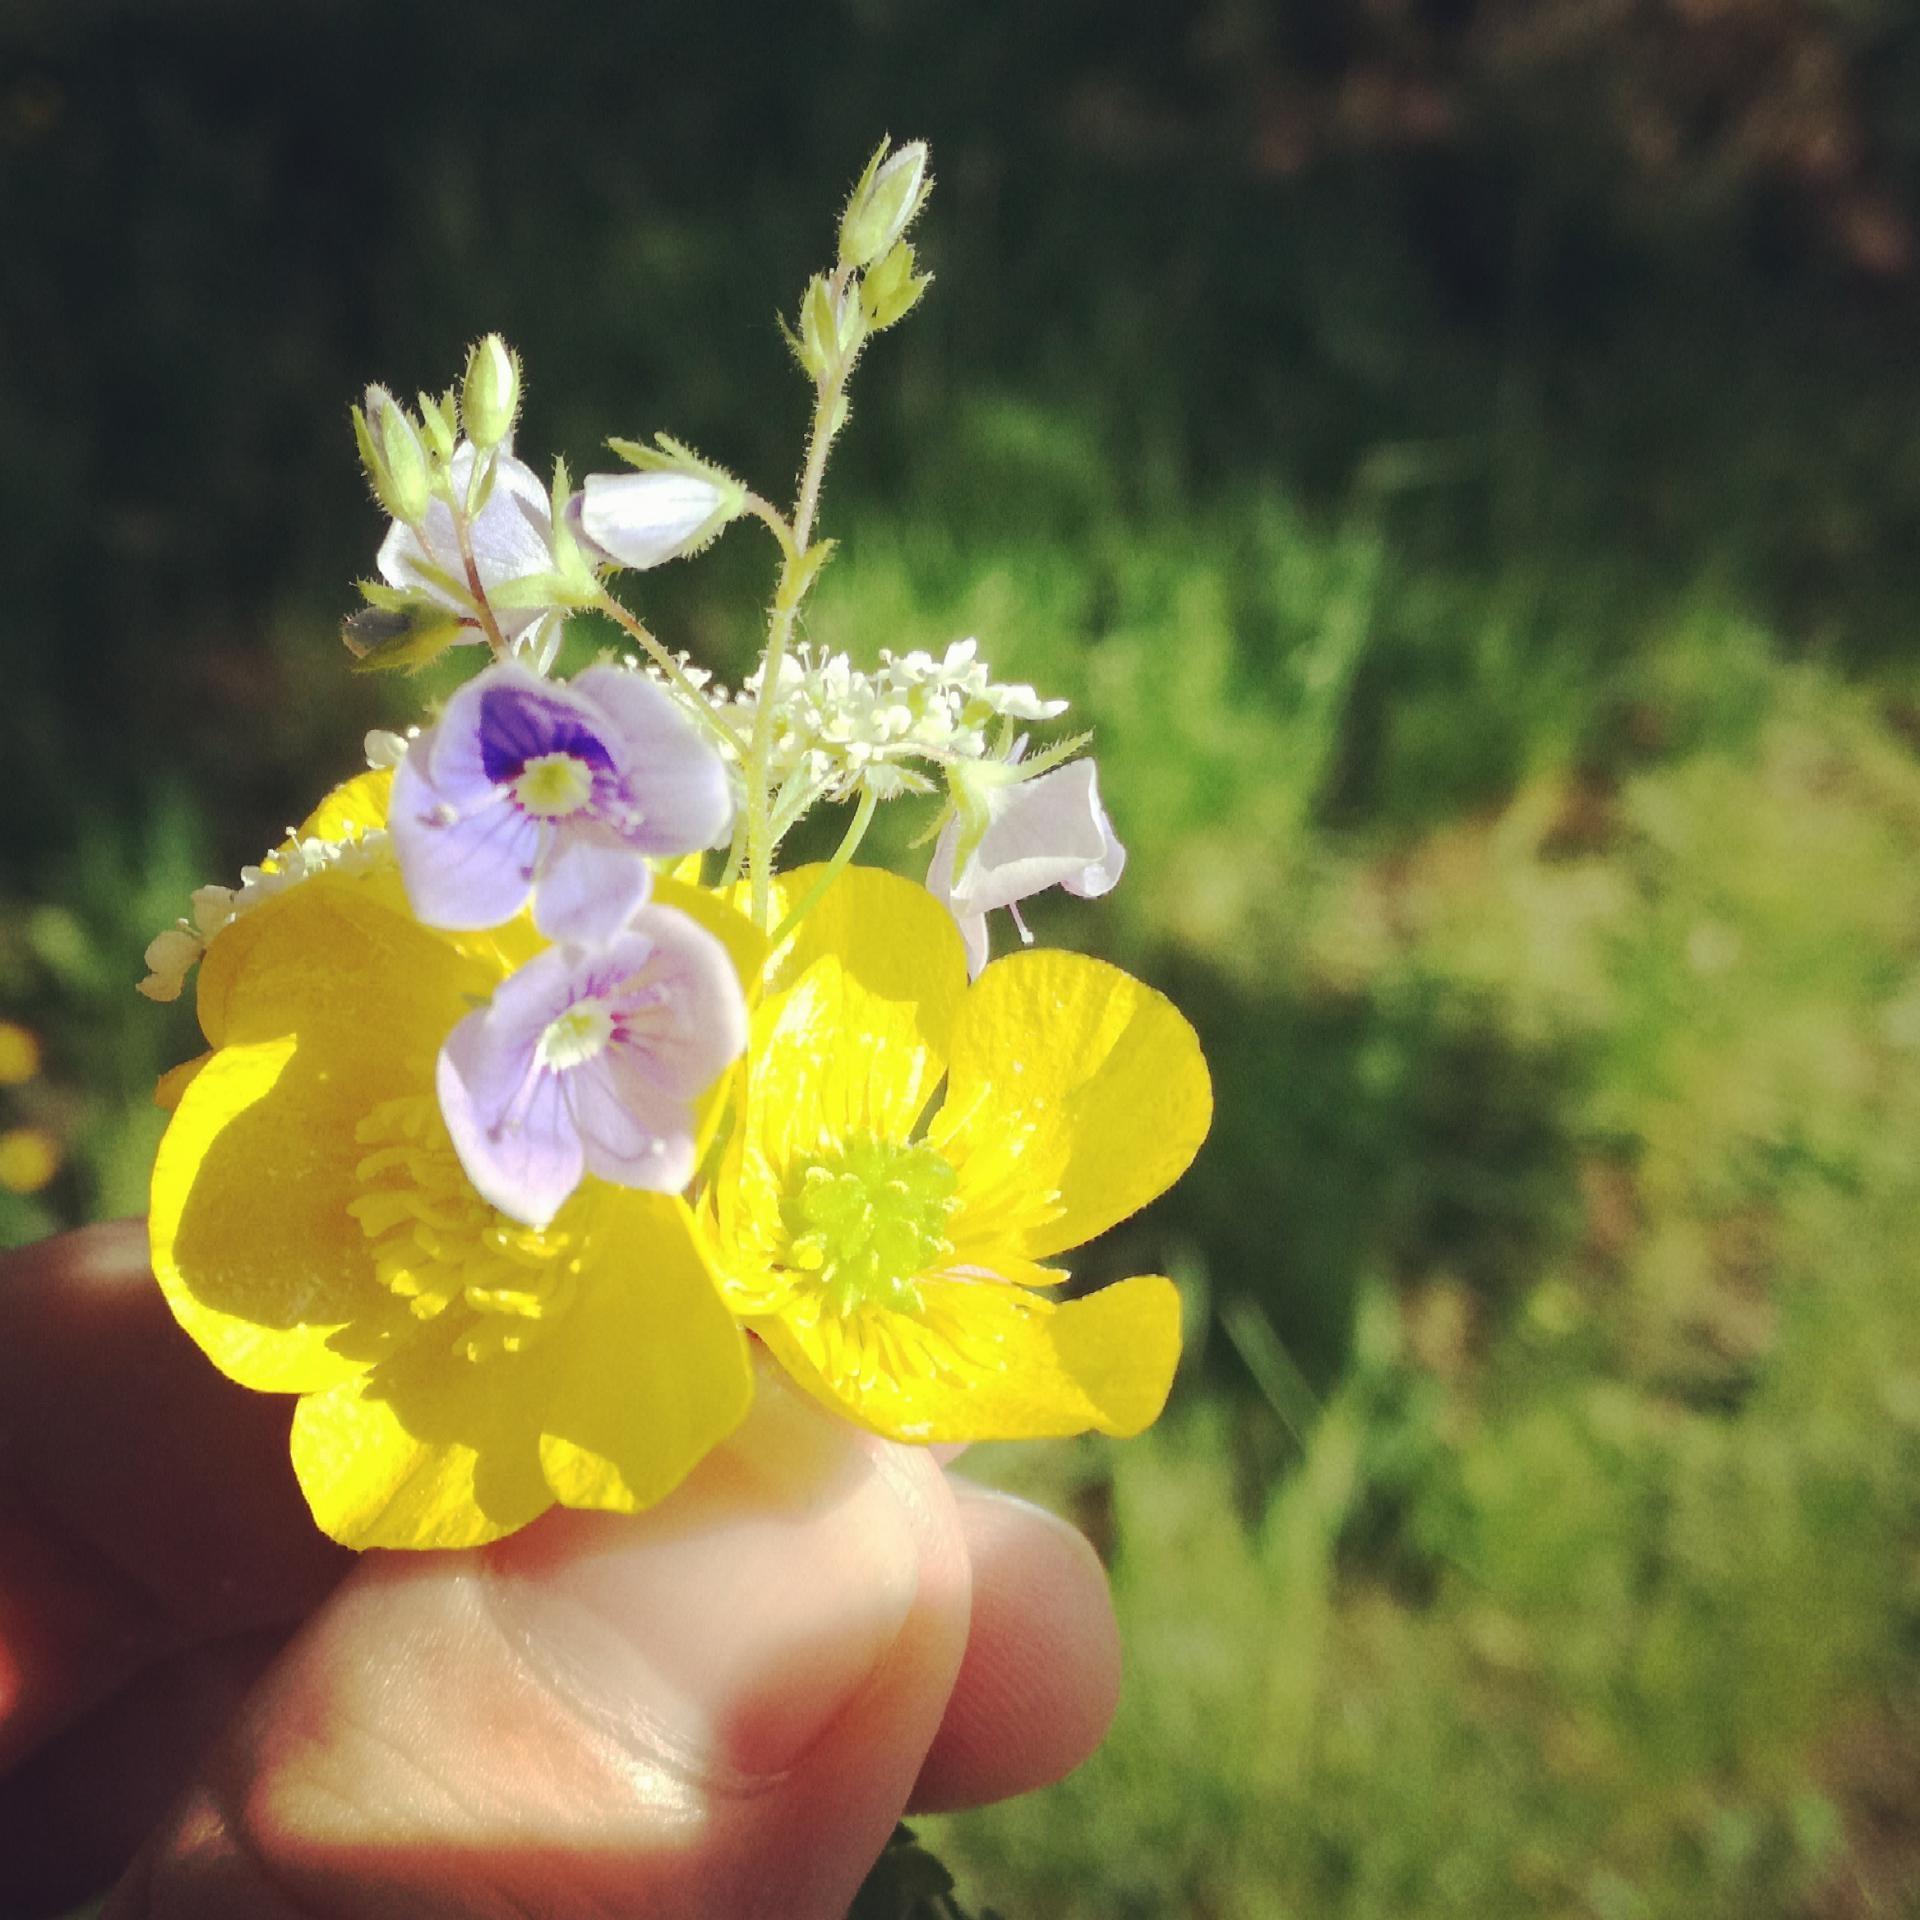 Münchens kleinster Blumenstrauß |Johannes Ulrich Gehrke